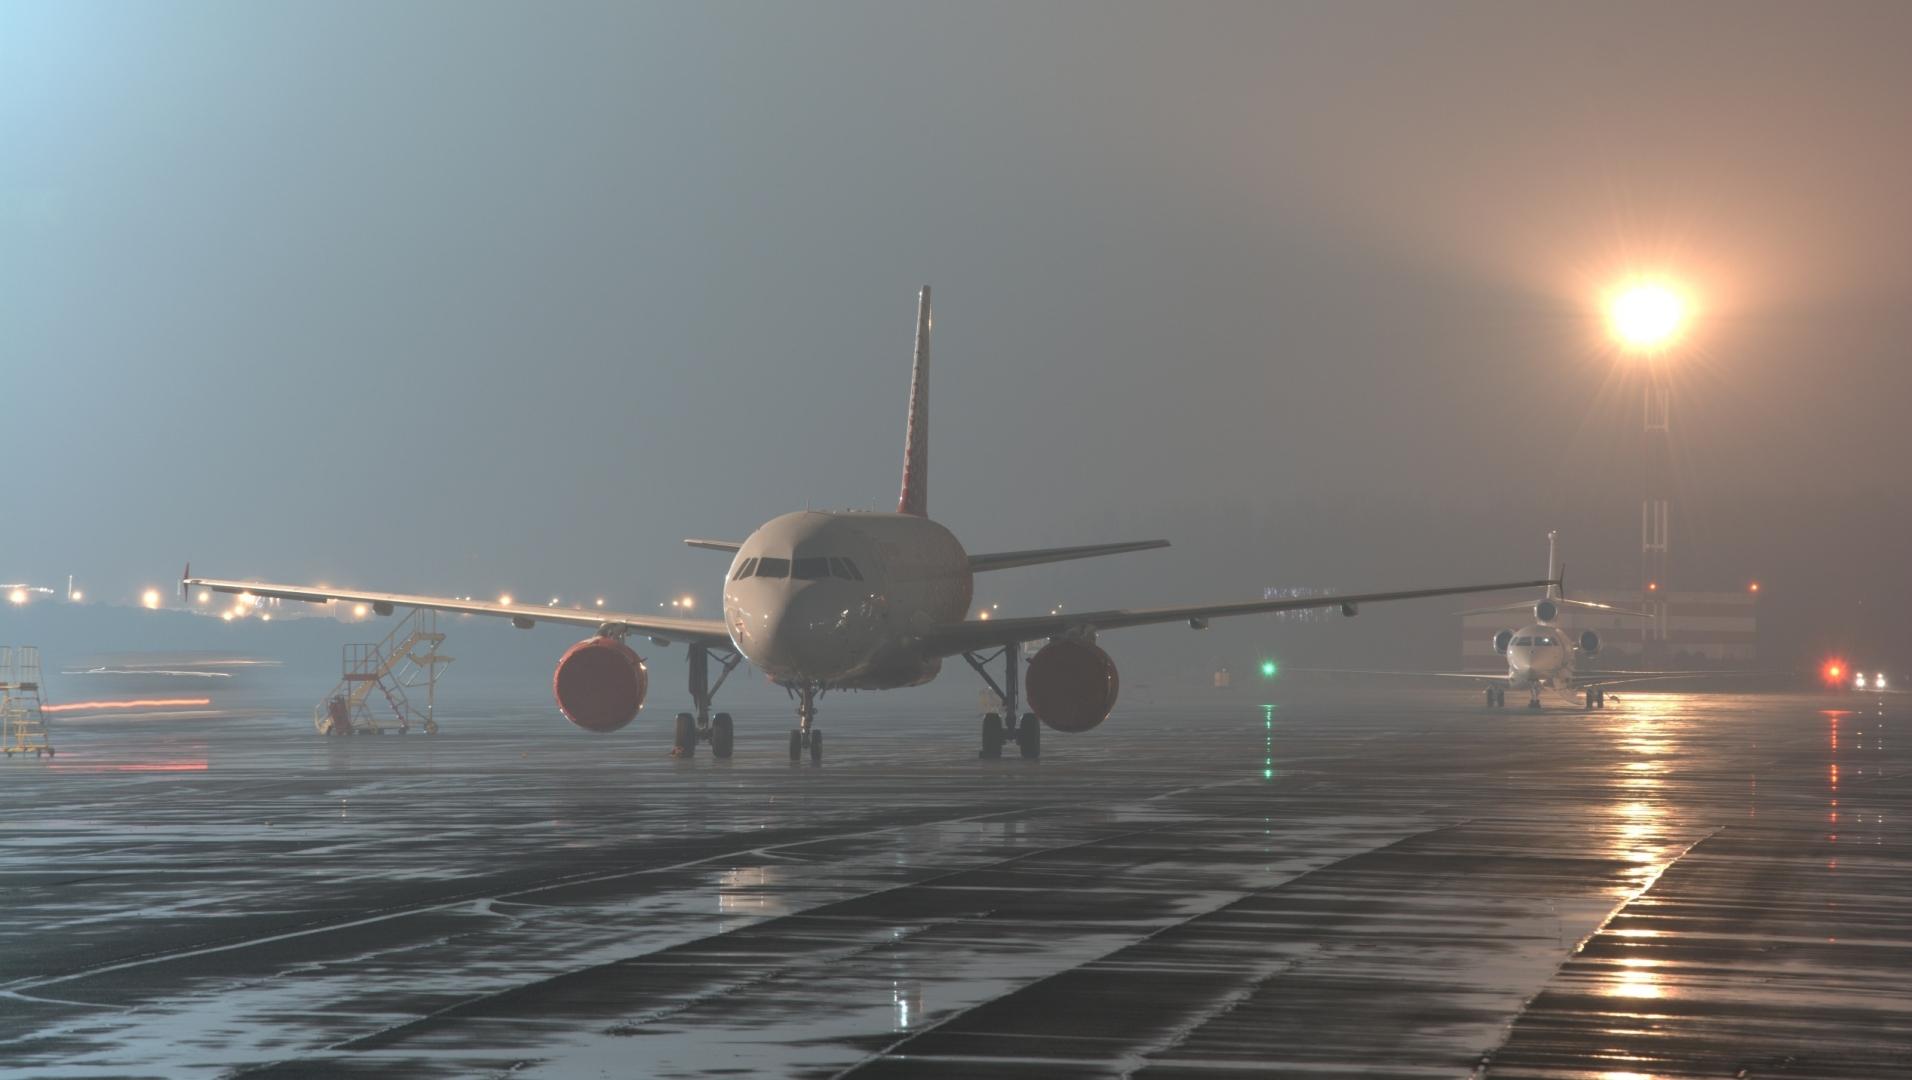 плохие самолеты фото сердечно